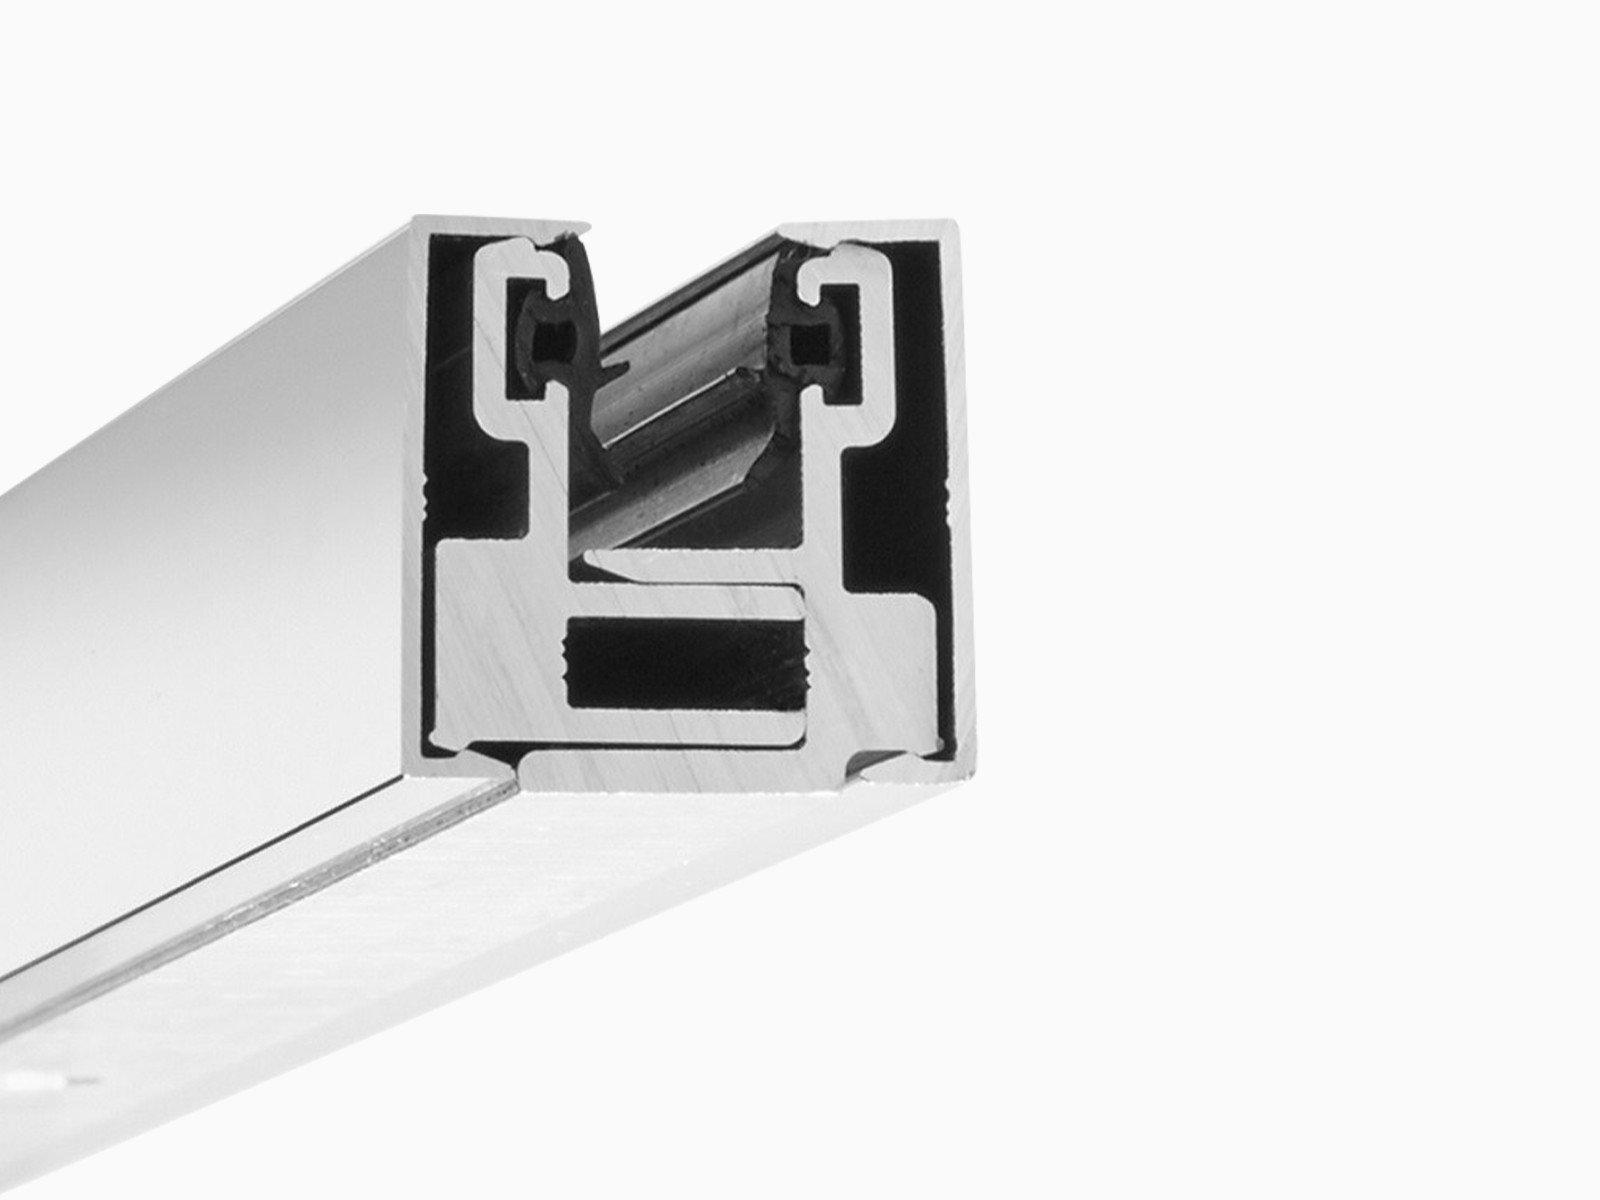 klemmprofil-mini-als-wandbeschlag-aus-aluminium-in-hochglanz